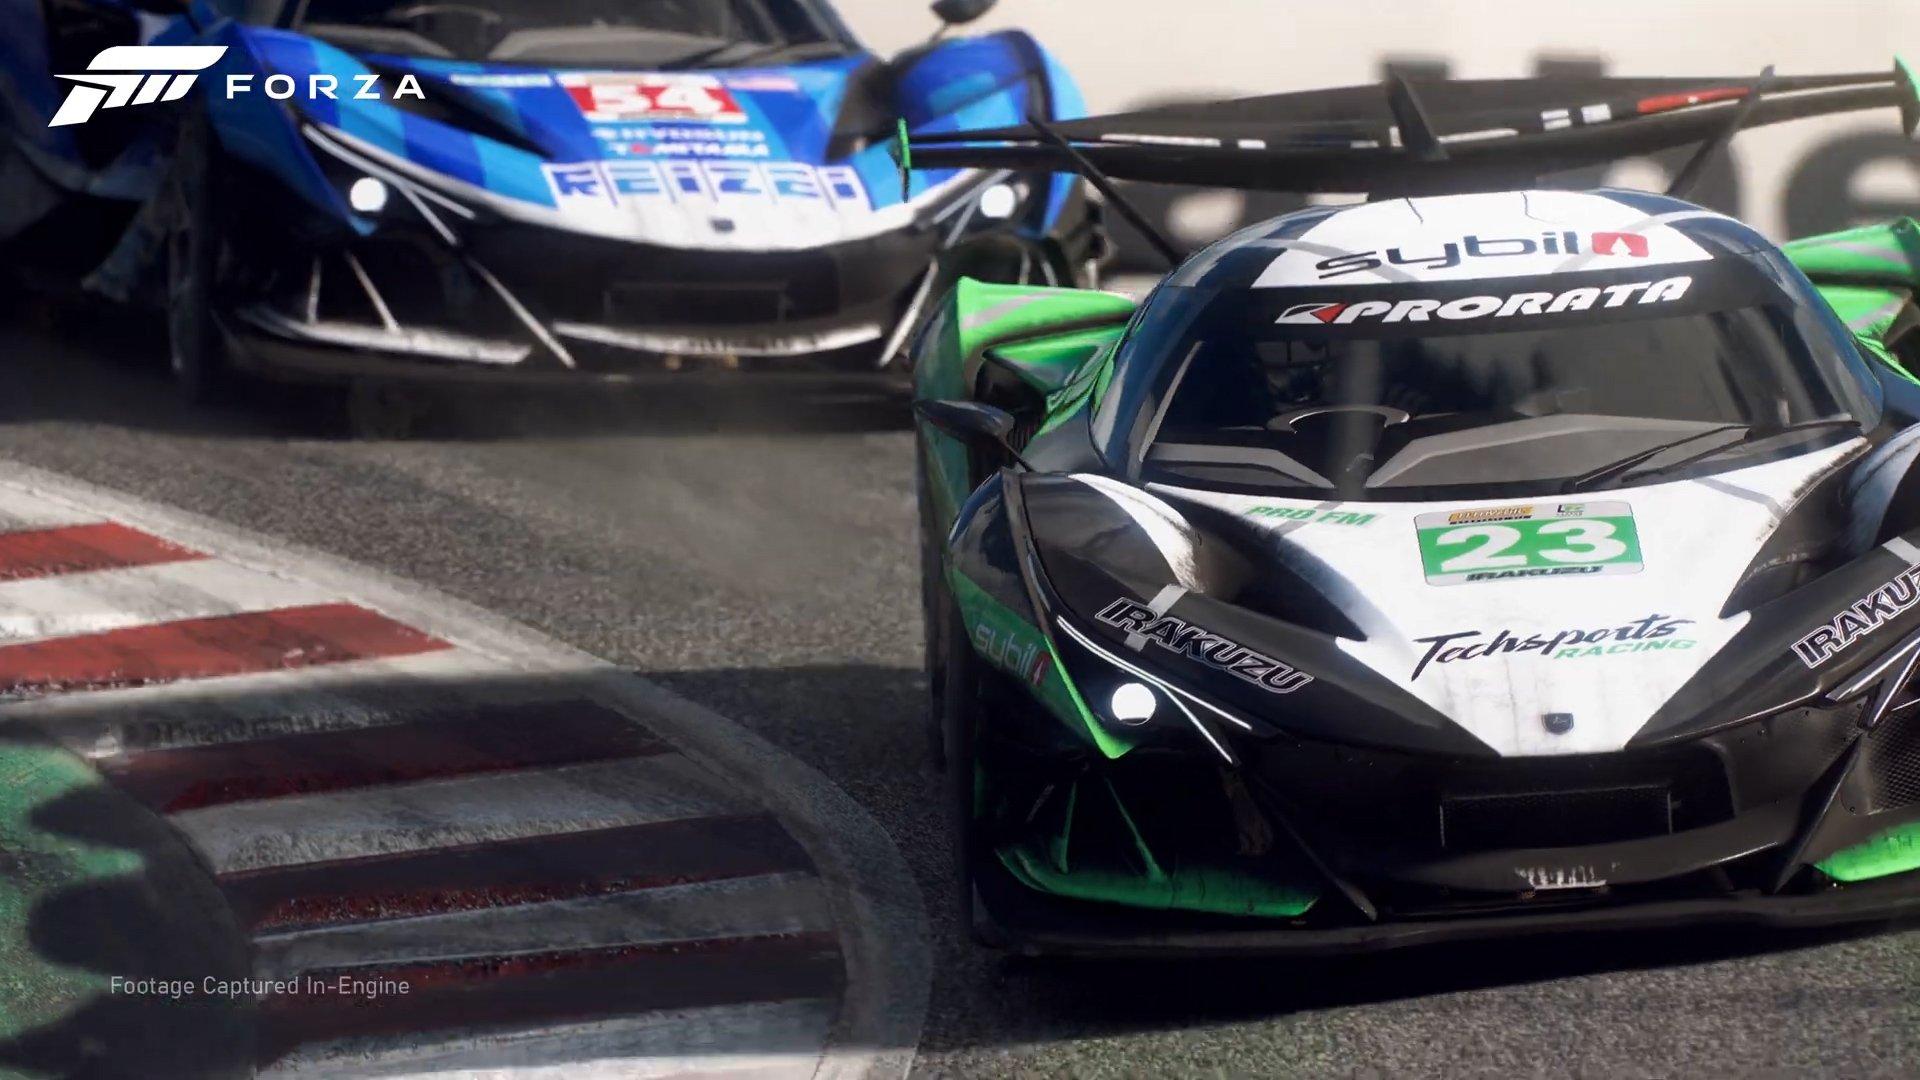 Forza-Motorsport-Screenshot-Announcement